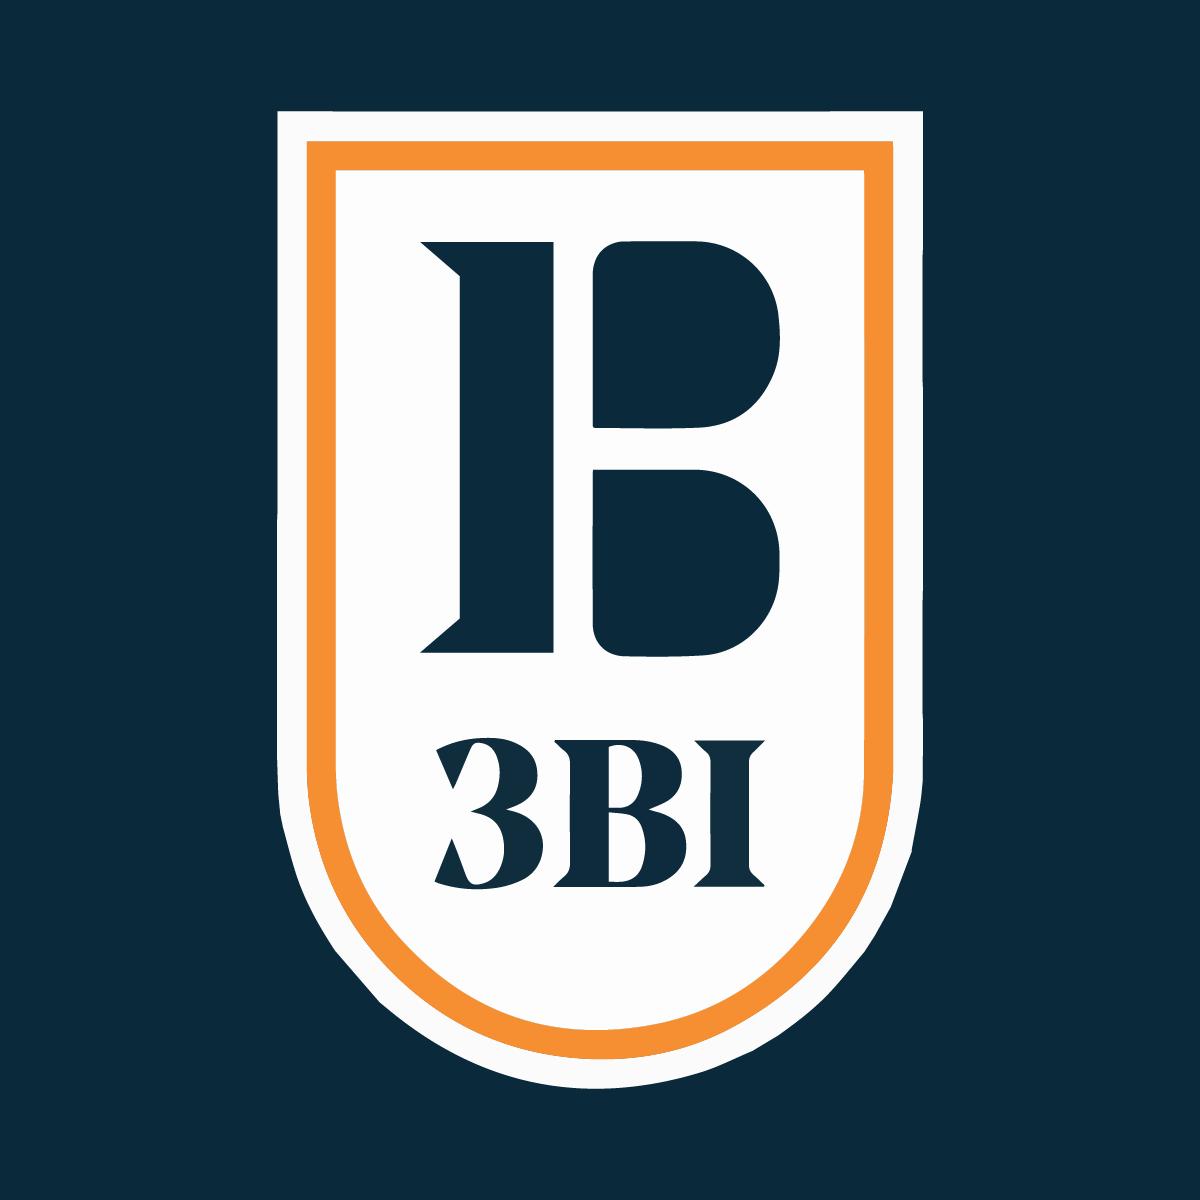 3bi-site-icon